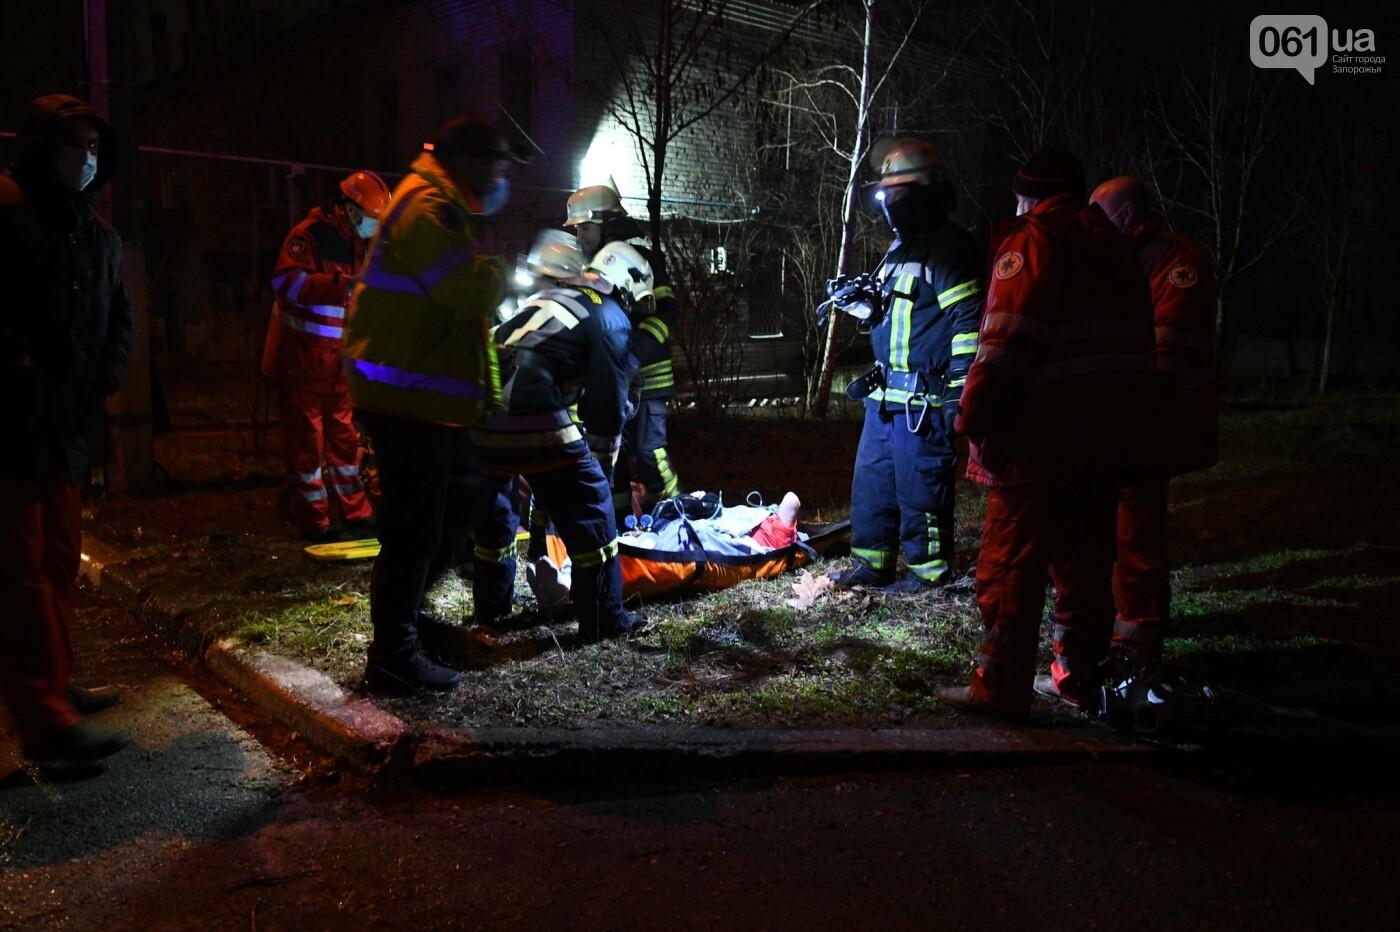 Пожар в Запорожской инфекционной больнице: все подробности происшествия, - ФОТОРЕПОРТАЖ , фото-2